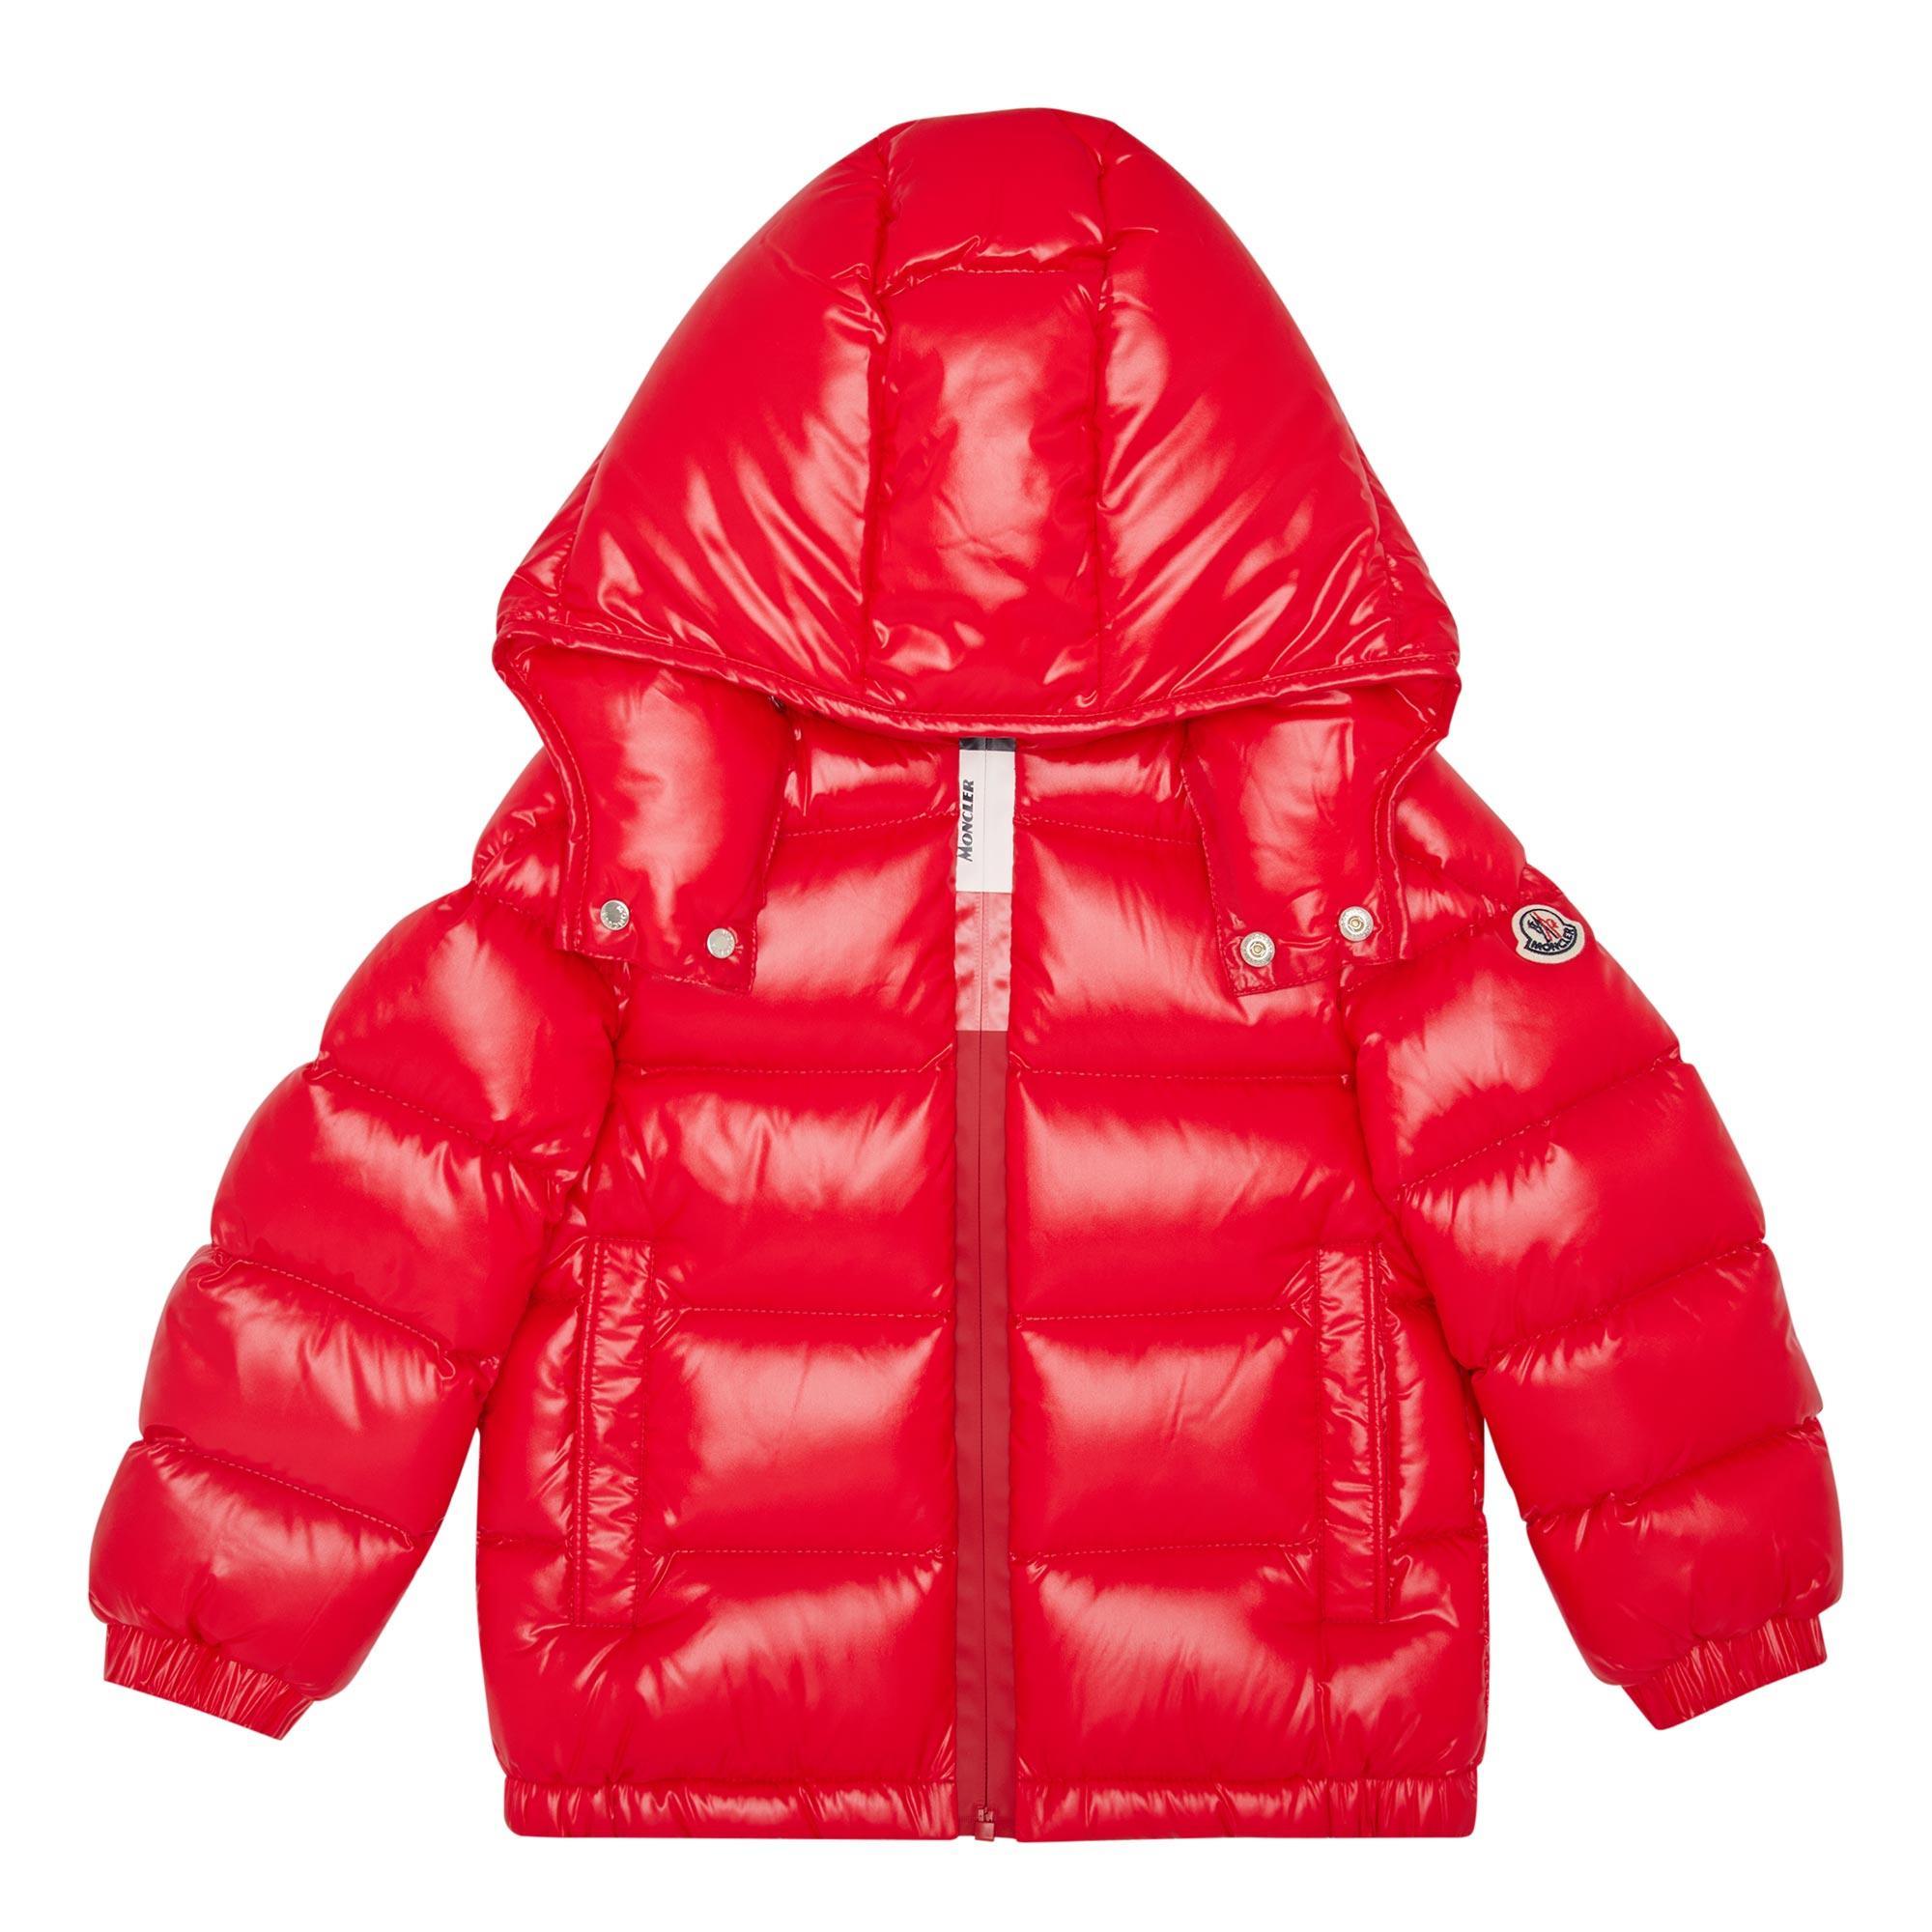 Dumon Padded Jacket